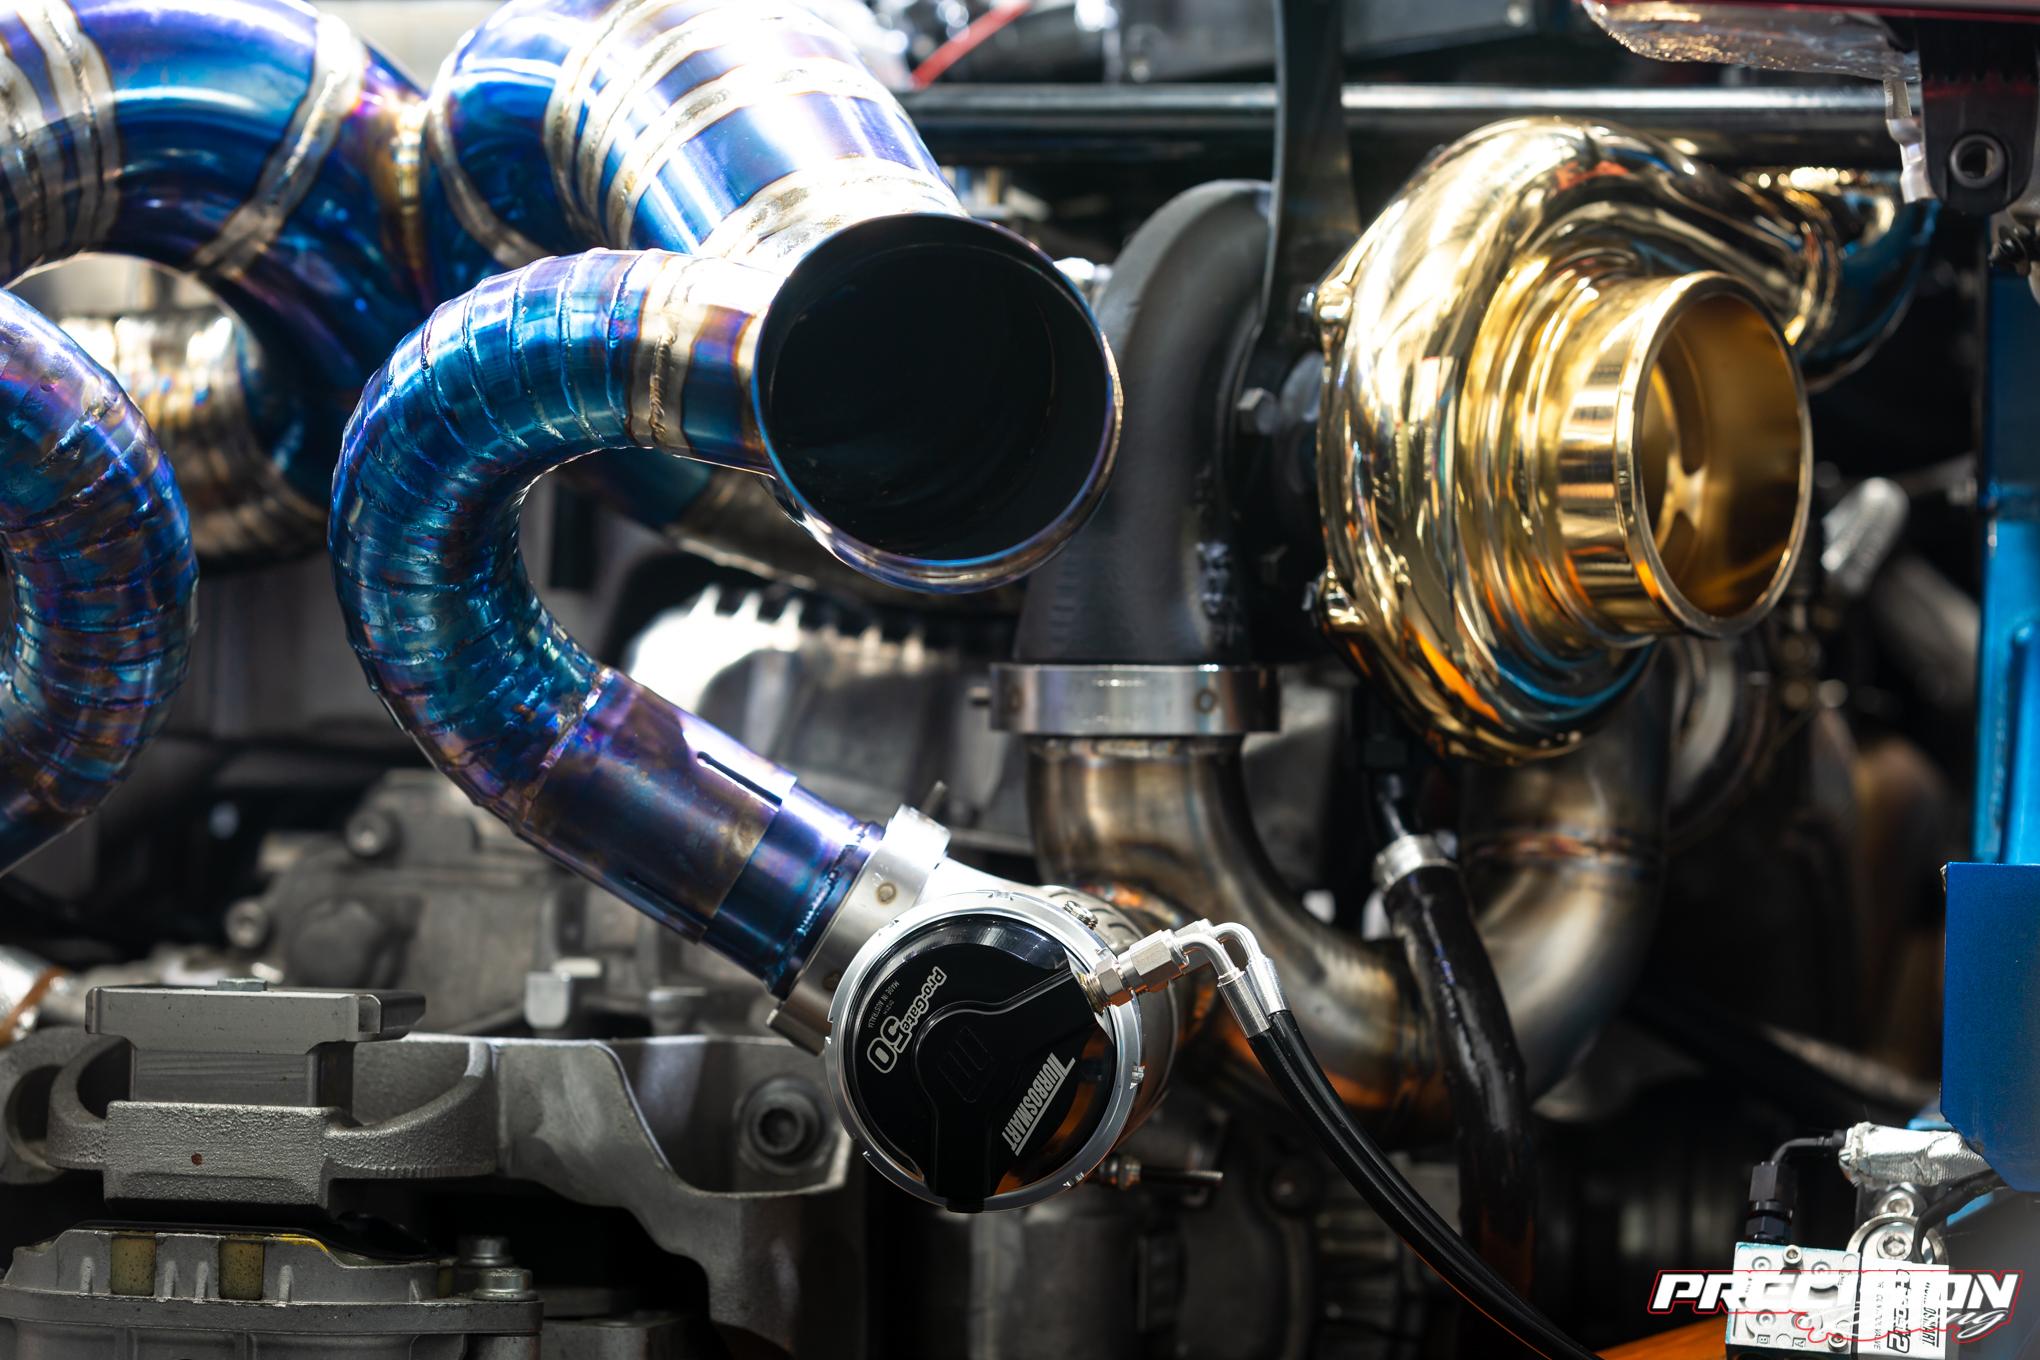 R8 twin turbo 11